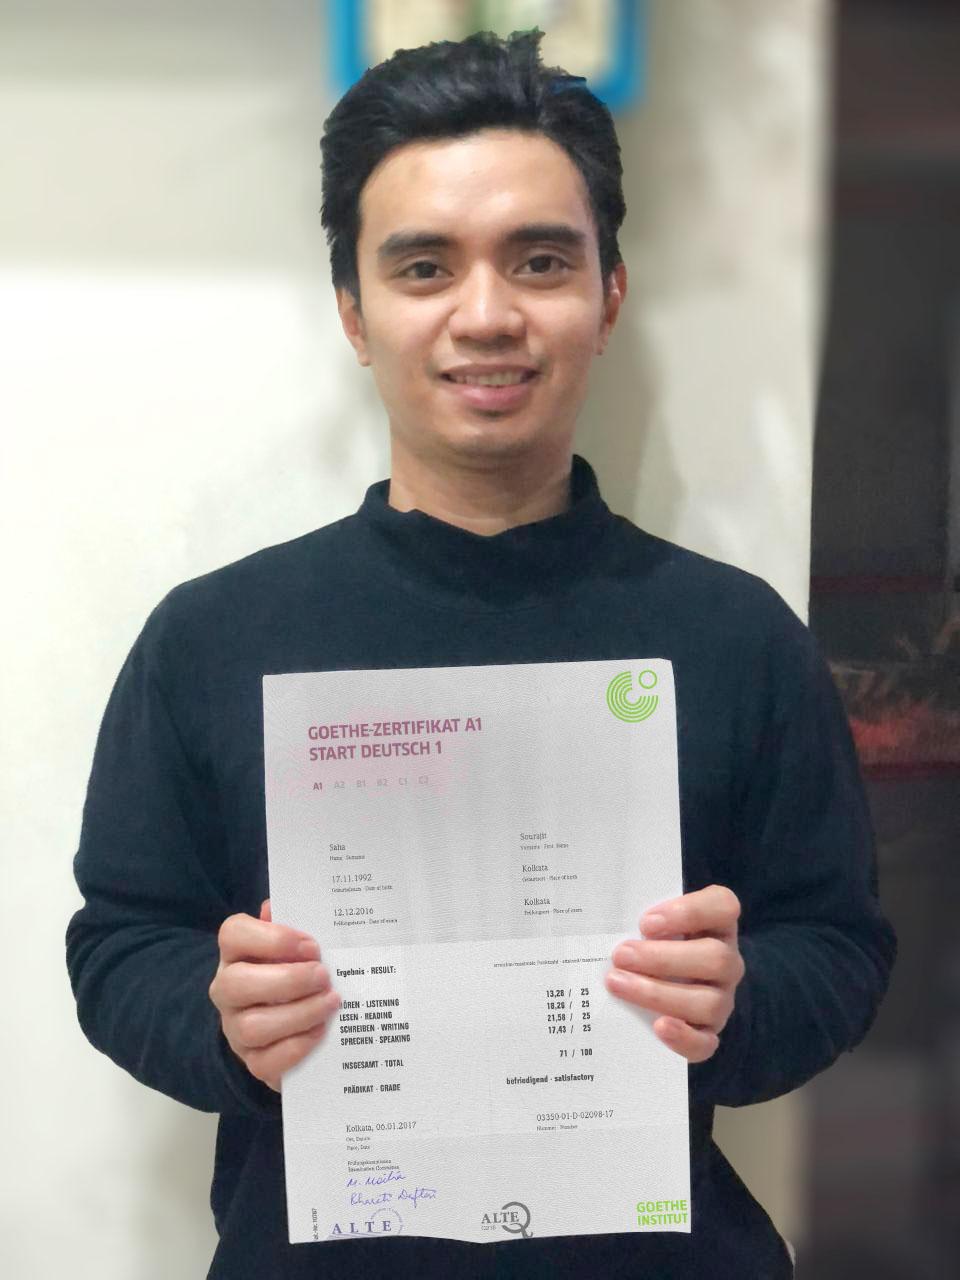 Nathaniel hat sein A1 Zertifikat erfolgreich bestanden